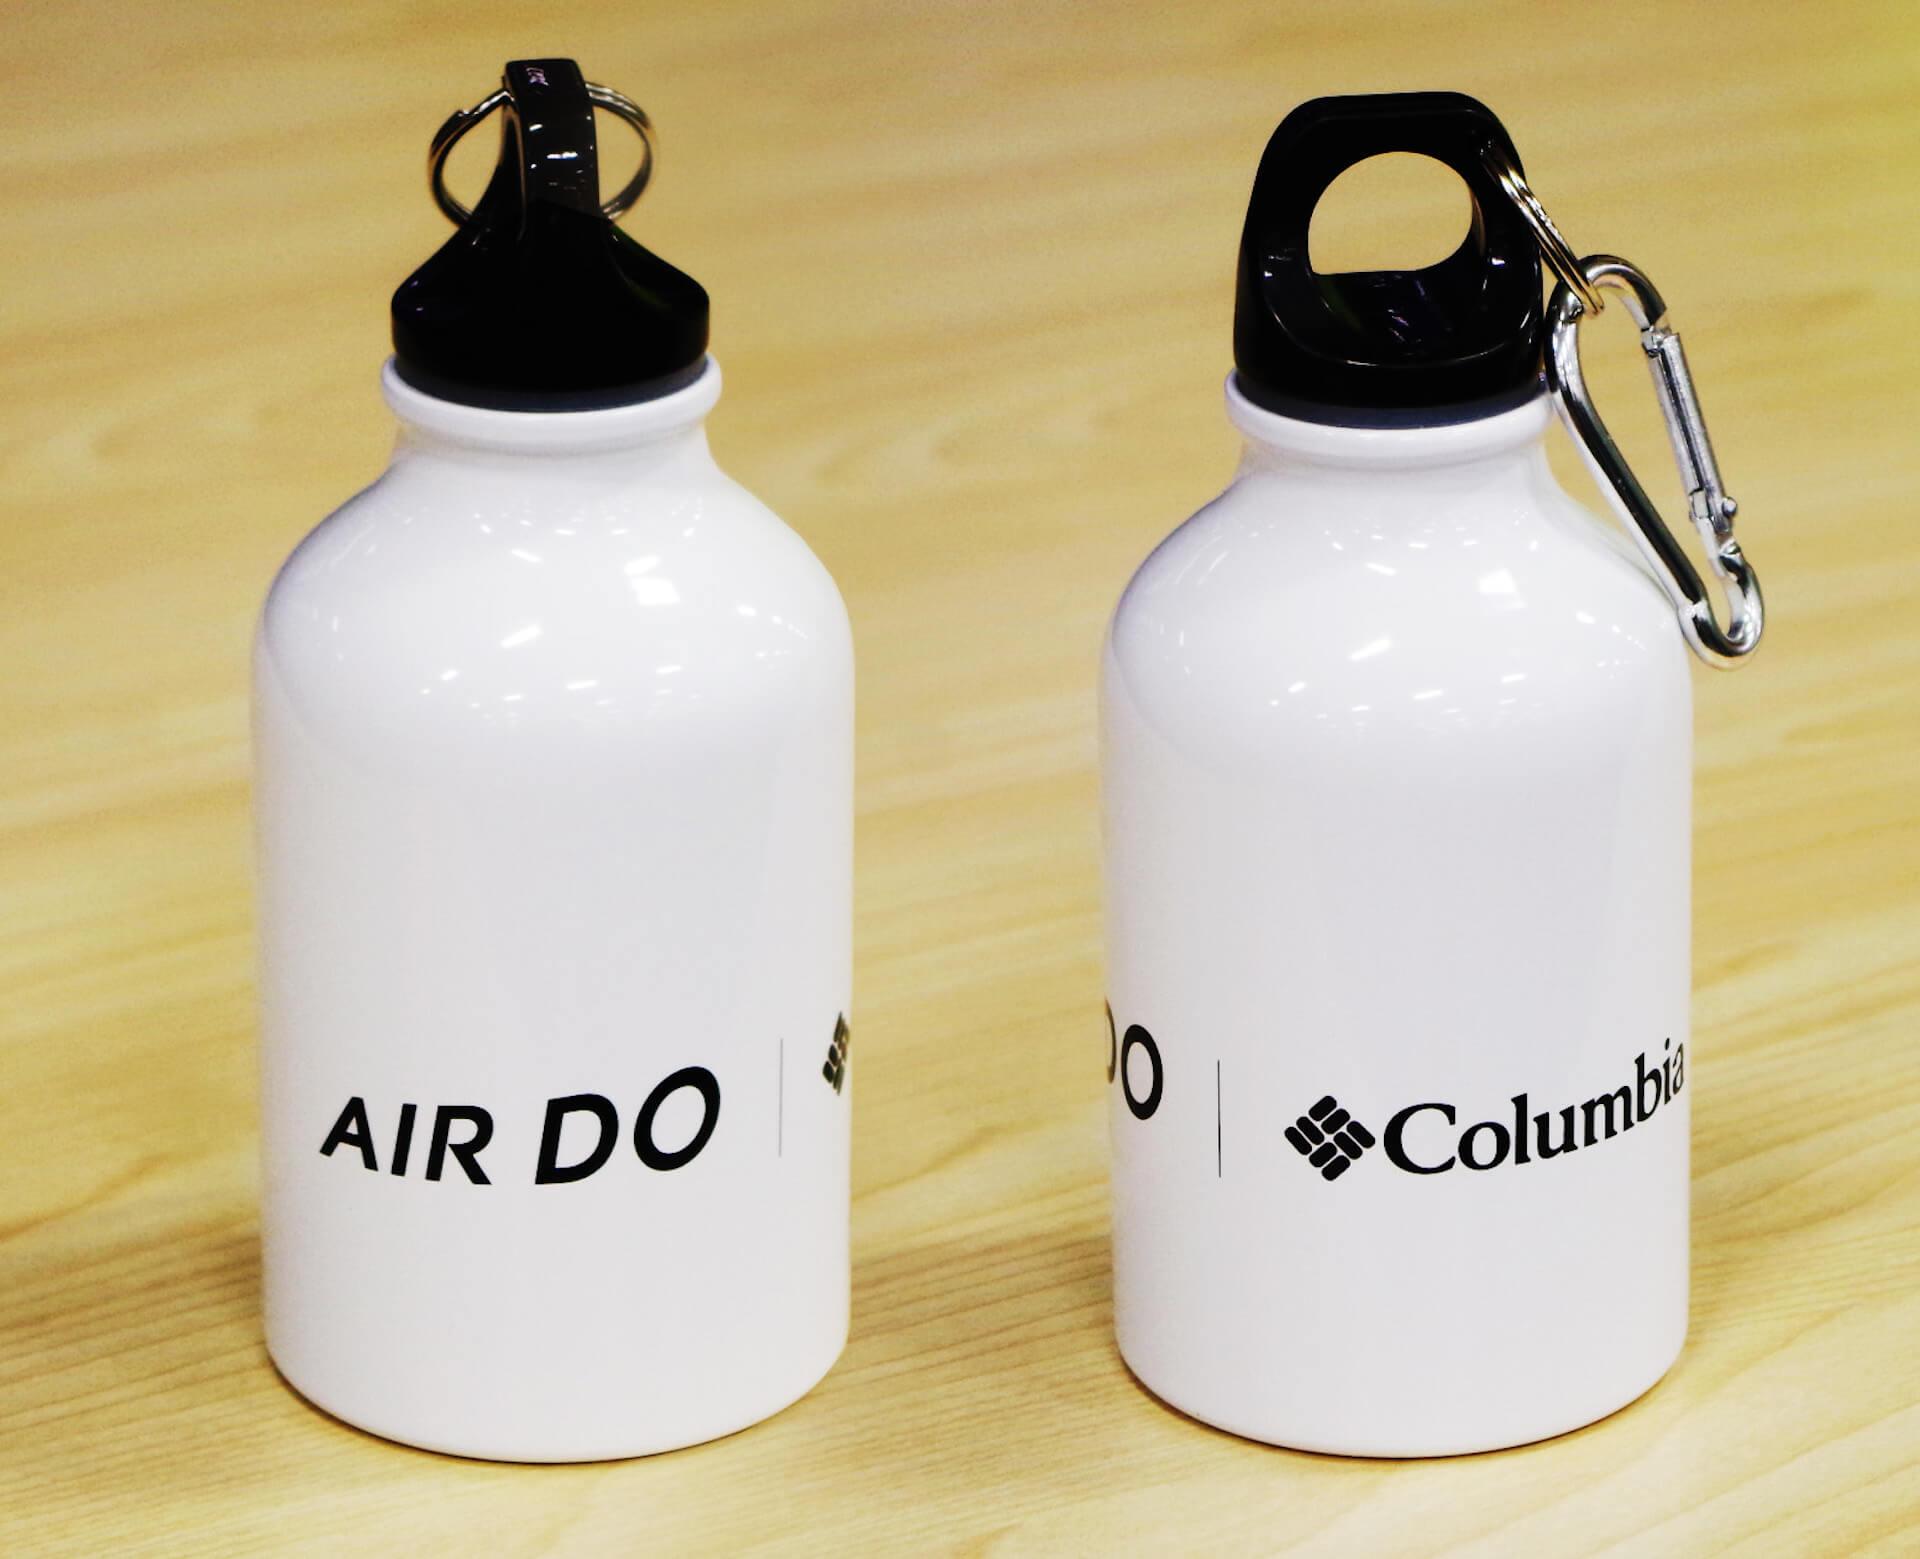 飛行機に乗ってコロンビアのウィンターブーツを当てよう!AIRDOとコラボキャンペーンを実施 life191018_columbia_7